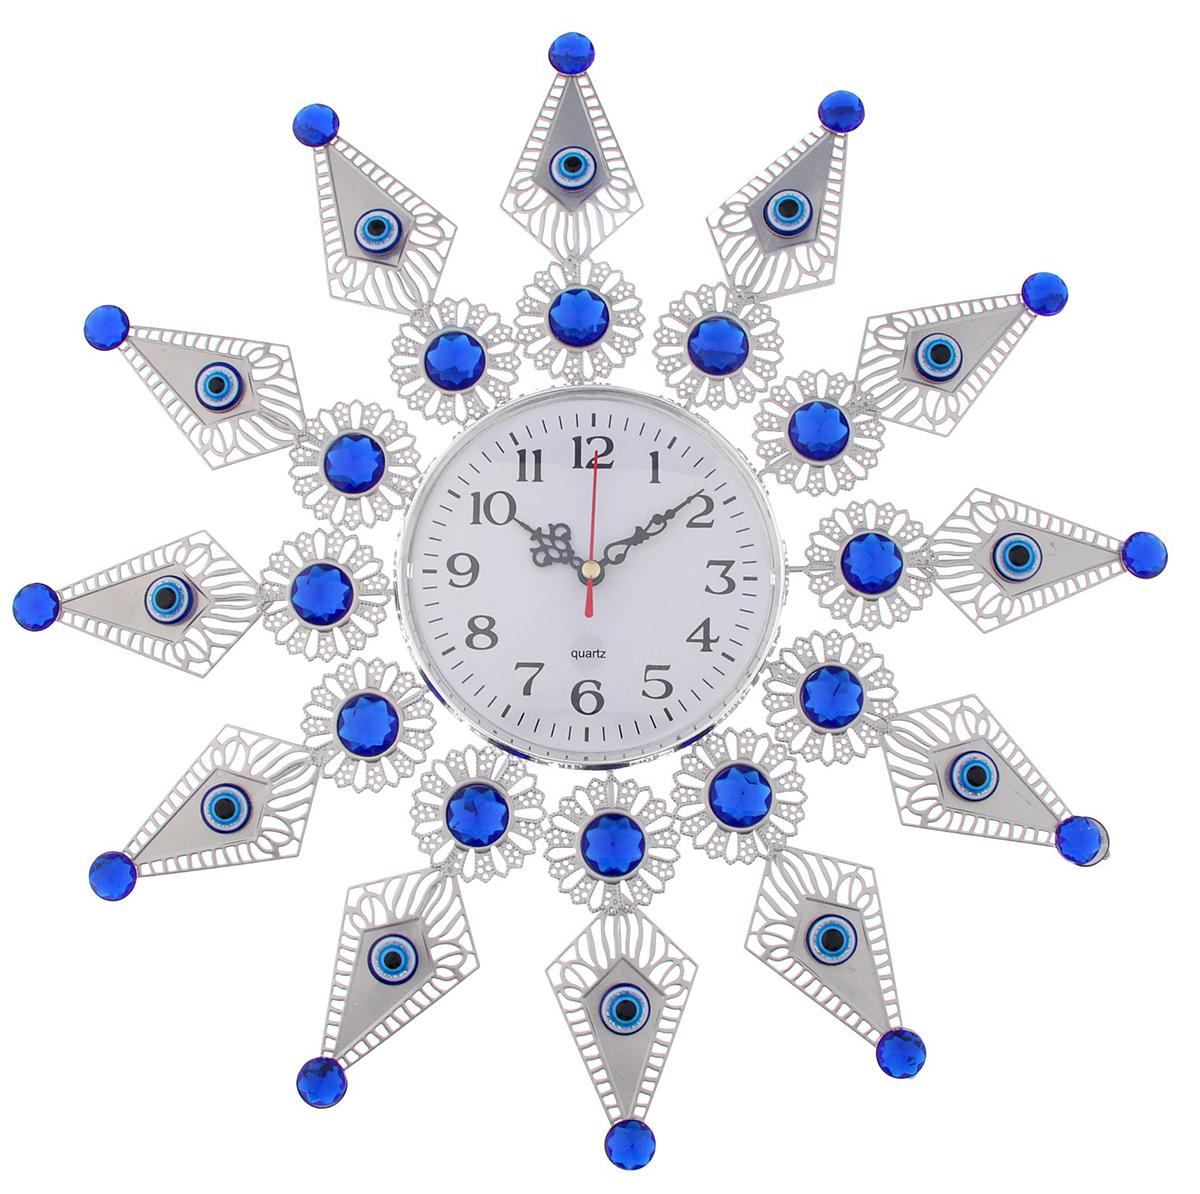 Часы настенные Ажур Турецкие мотивы. Драгоценная снежинка, диаметр 39 см хочу продать свою квартиру которая менее 3х лет и другую какие налоги надо заплатить